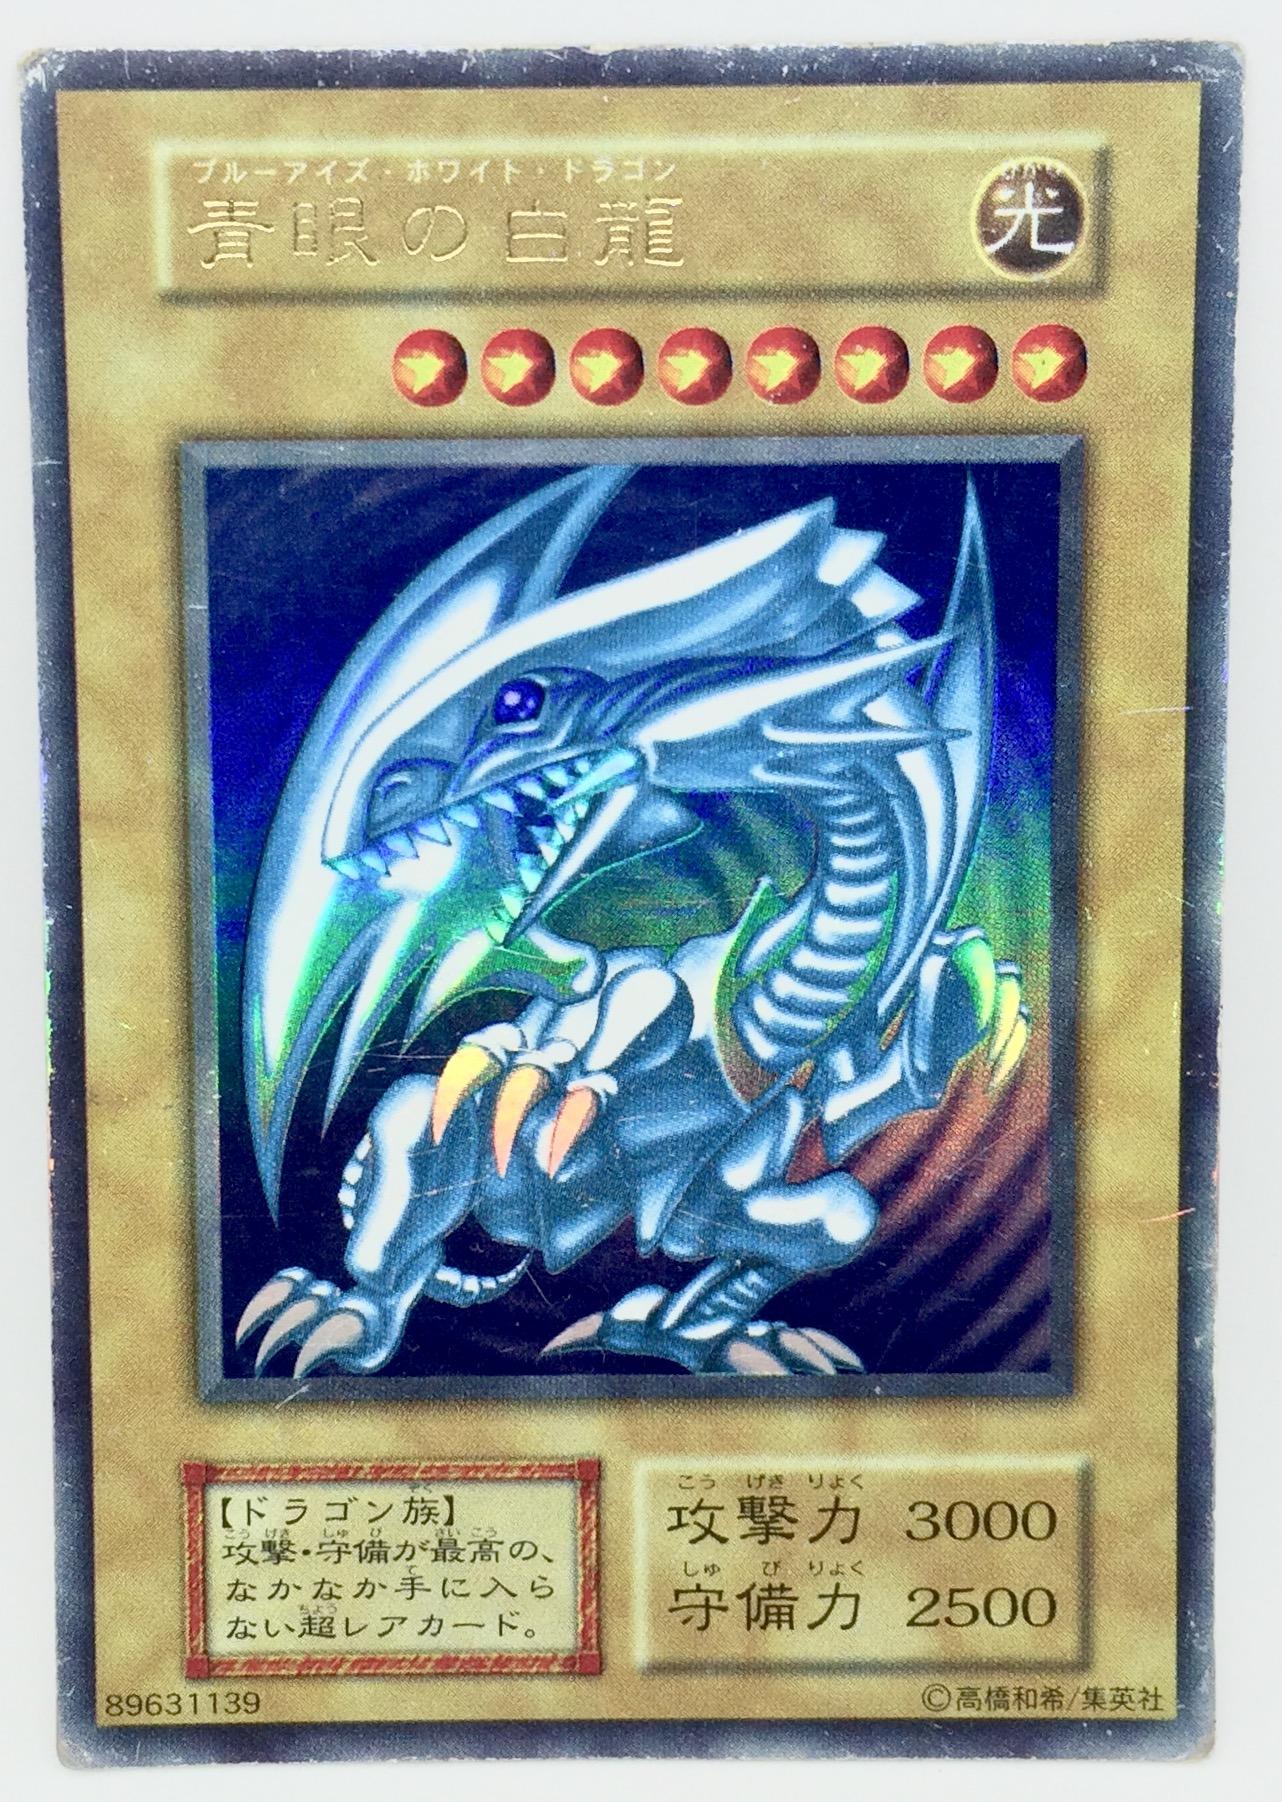 Yu-Gi-Oh Blue-Eyes White Dragon บลูอายส์ ไวท์ดราก้อน